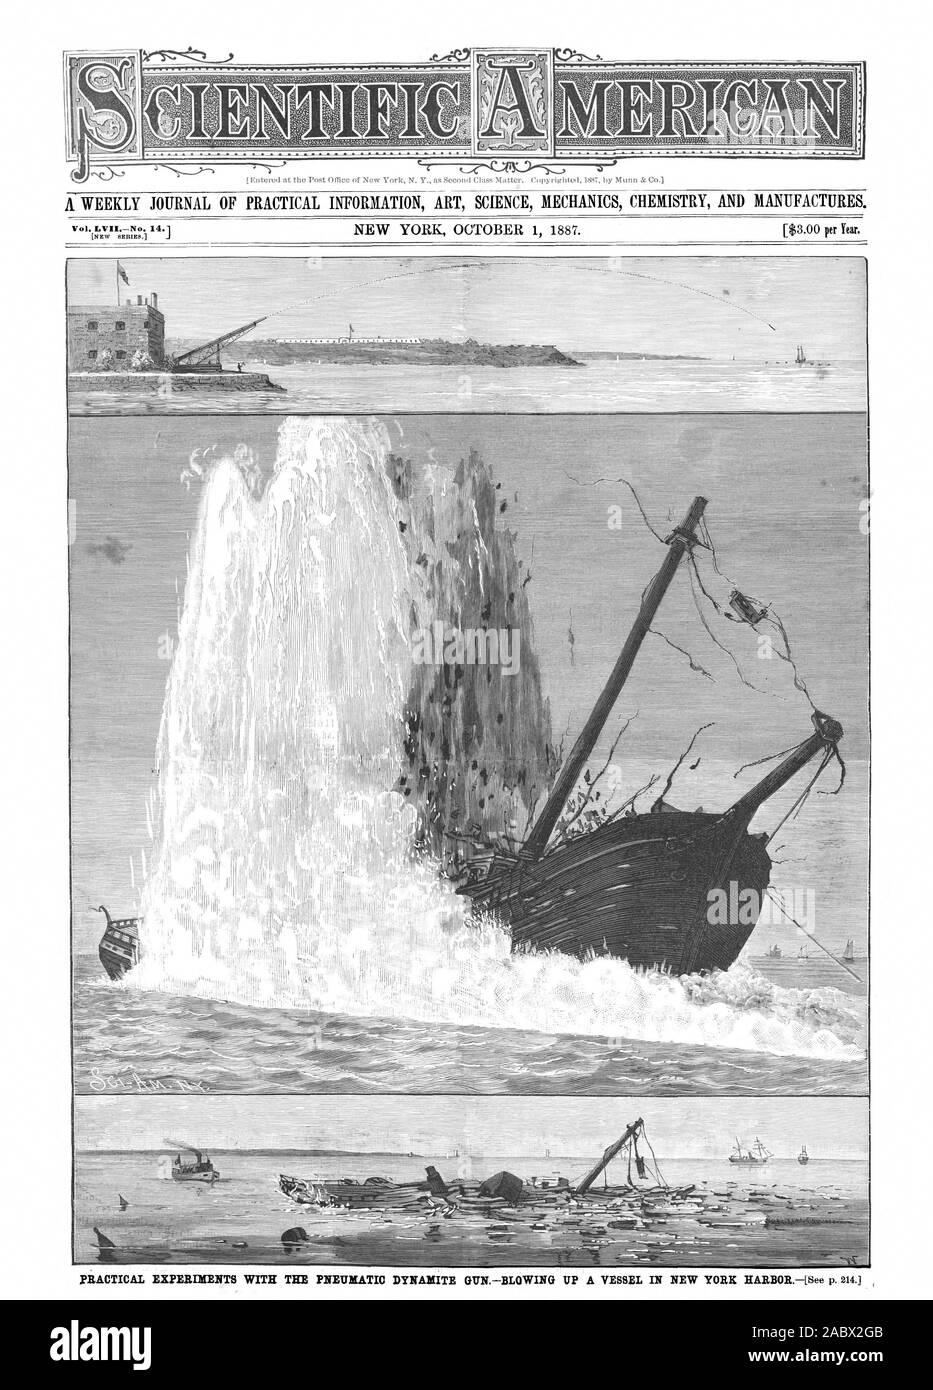 Giornale settimanale di informazioni pratiche arte scienza meccanica e chimica produce., Scientific American, 1887-10-01 Foto Stock